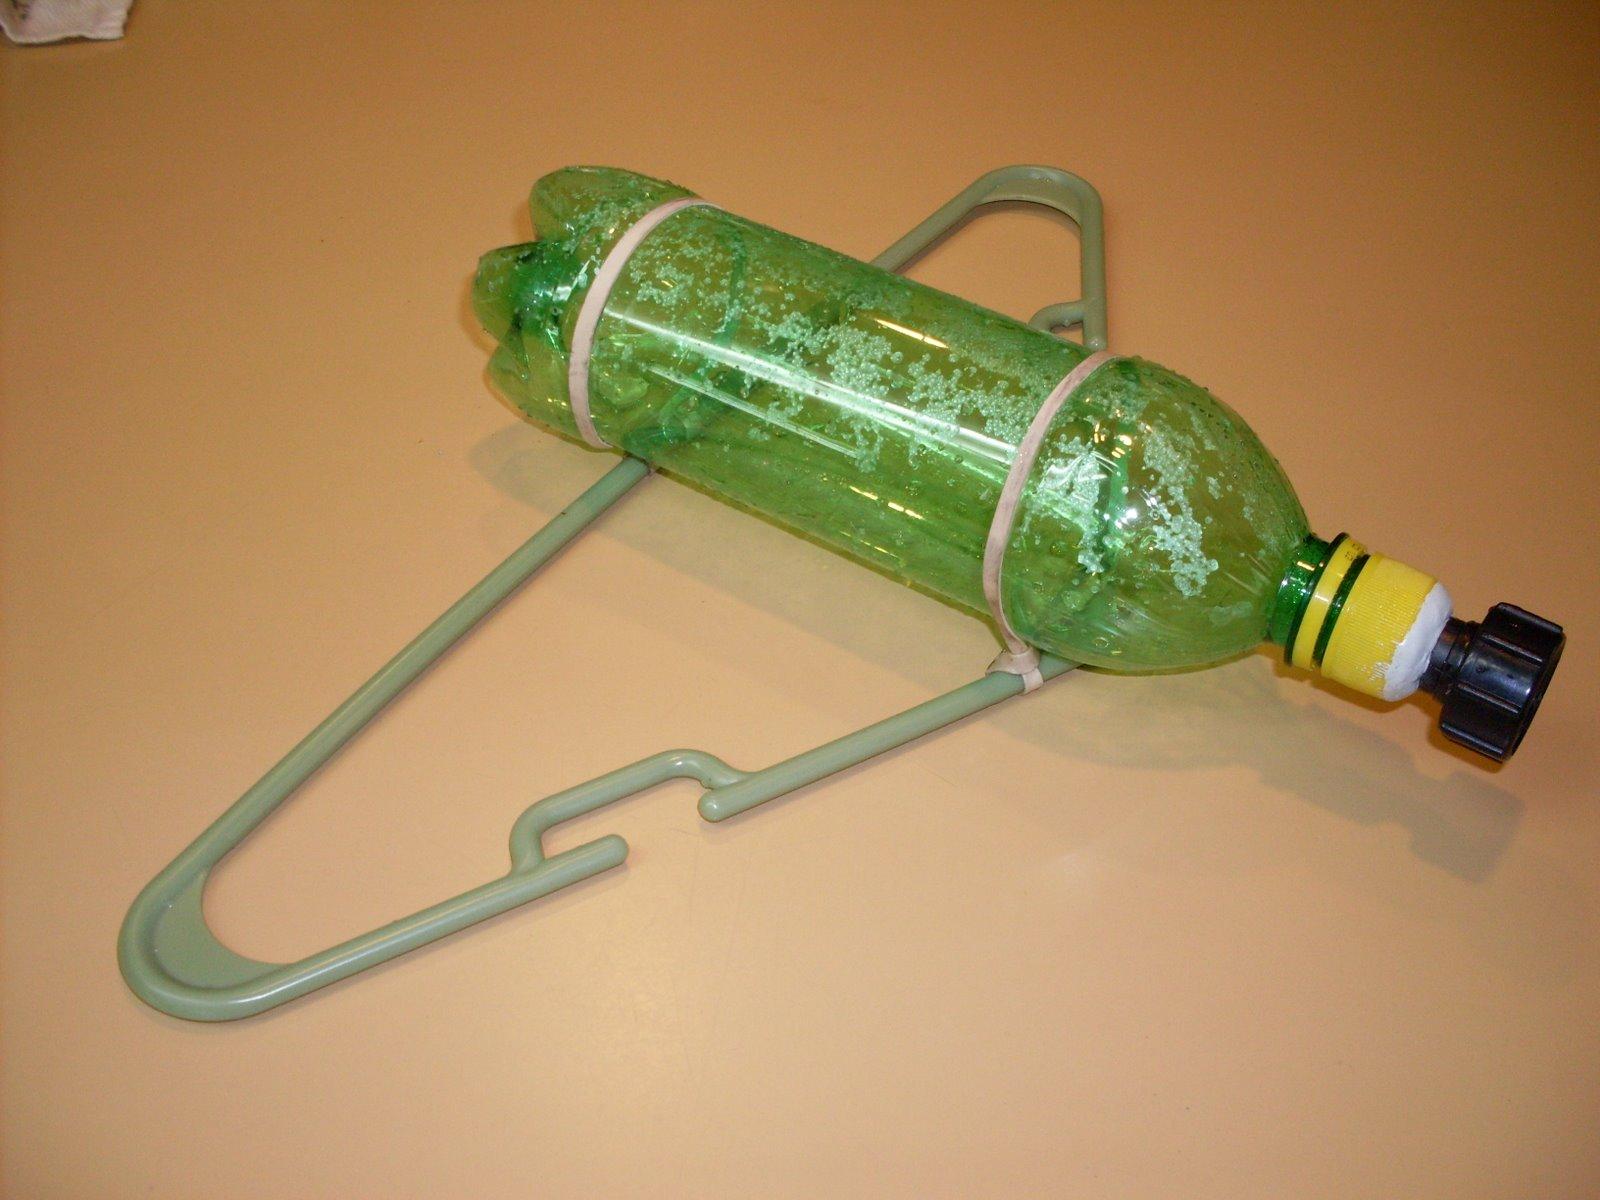 Поливалка из пластиковой бутылки своими руками